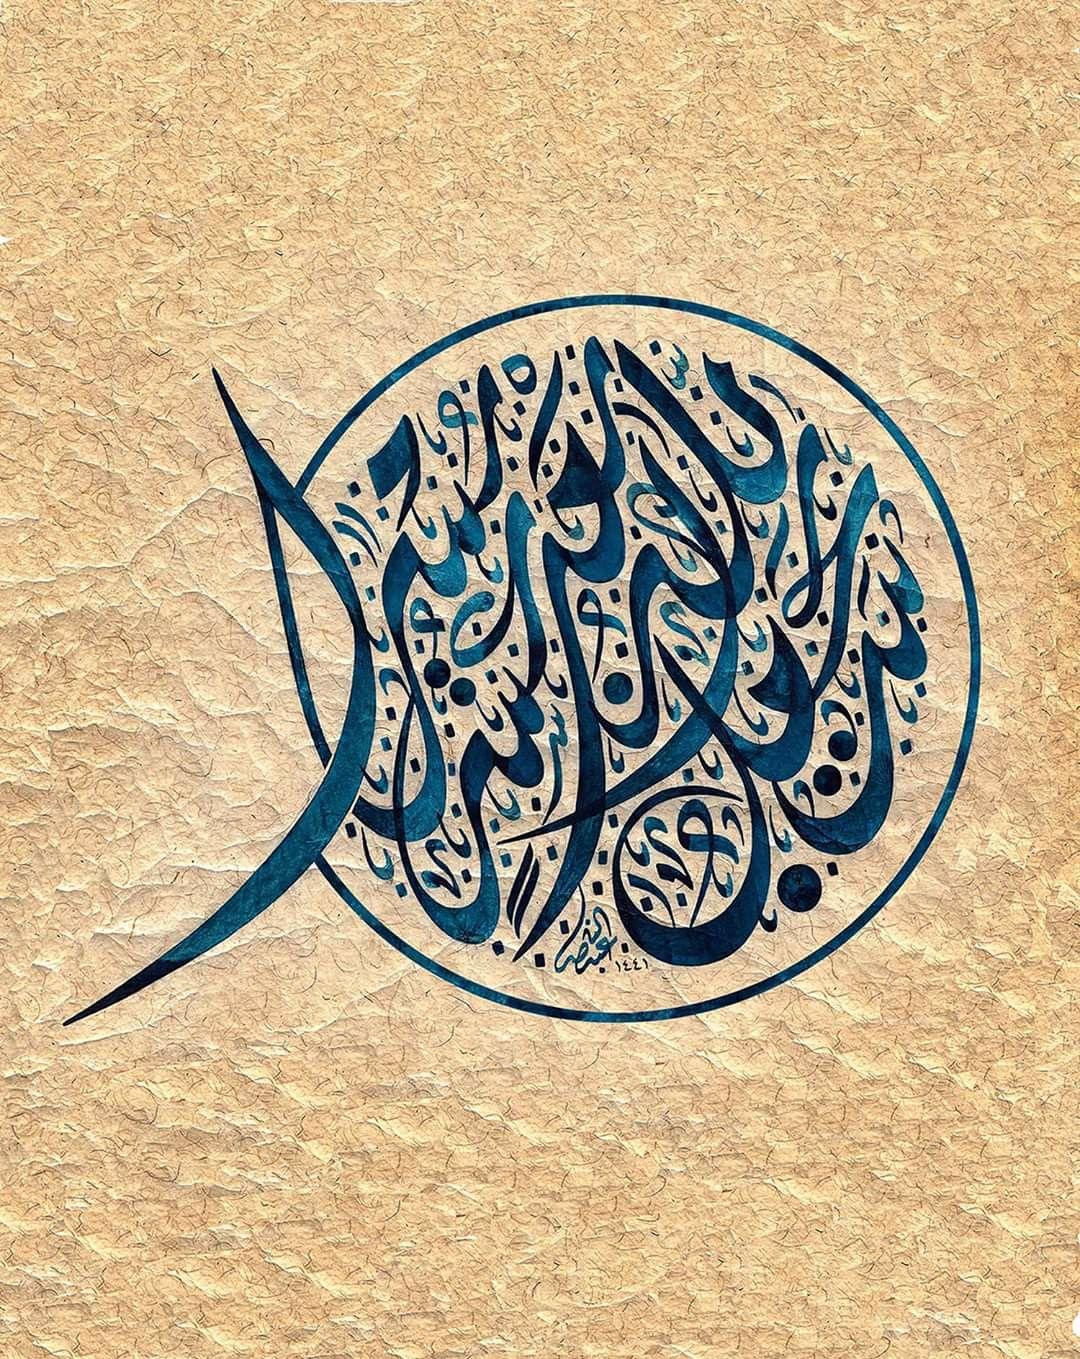 Pin by abdullah bulum on ألله in 2020 Islamic